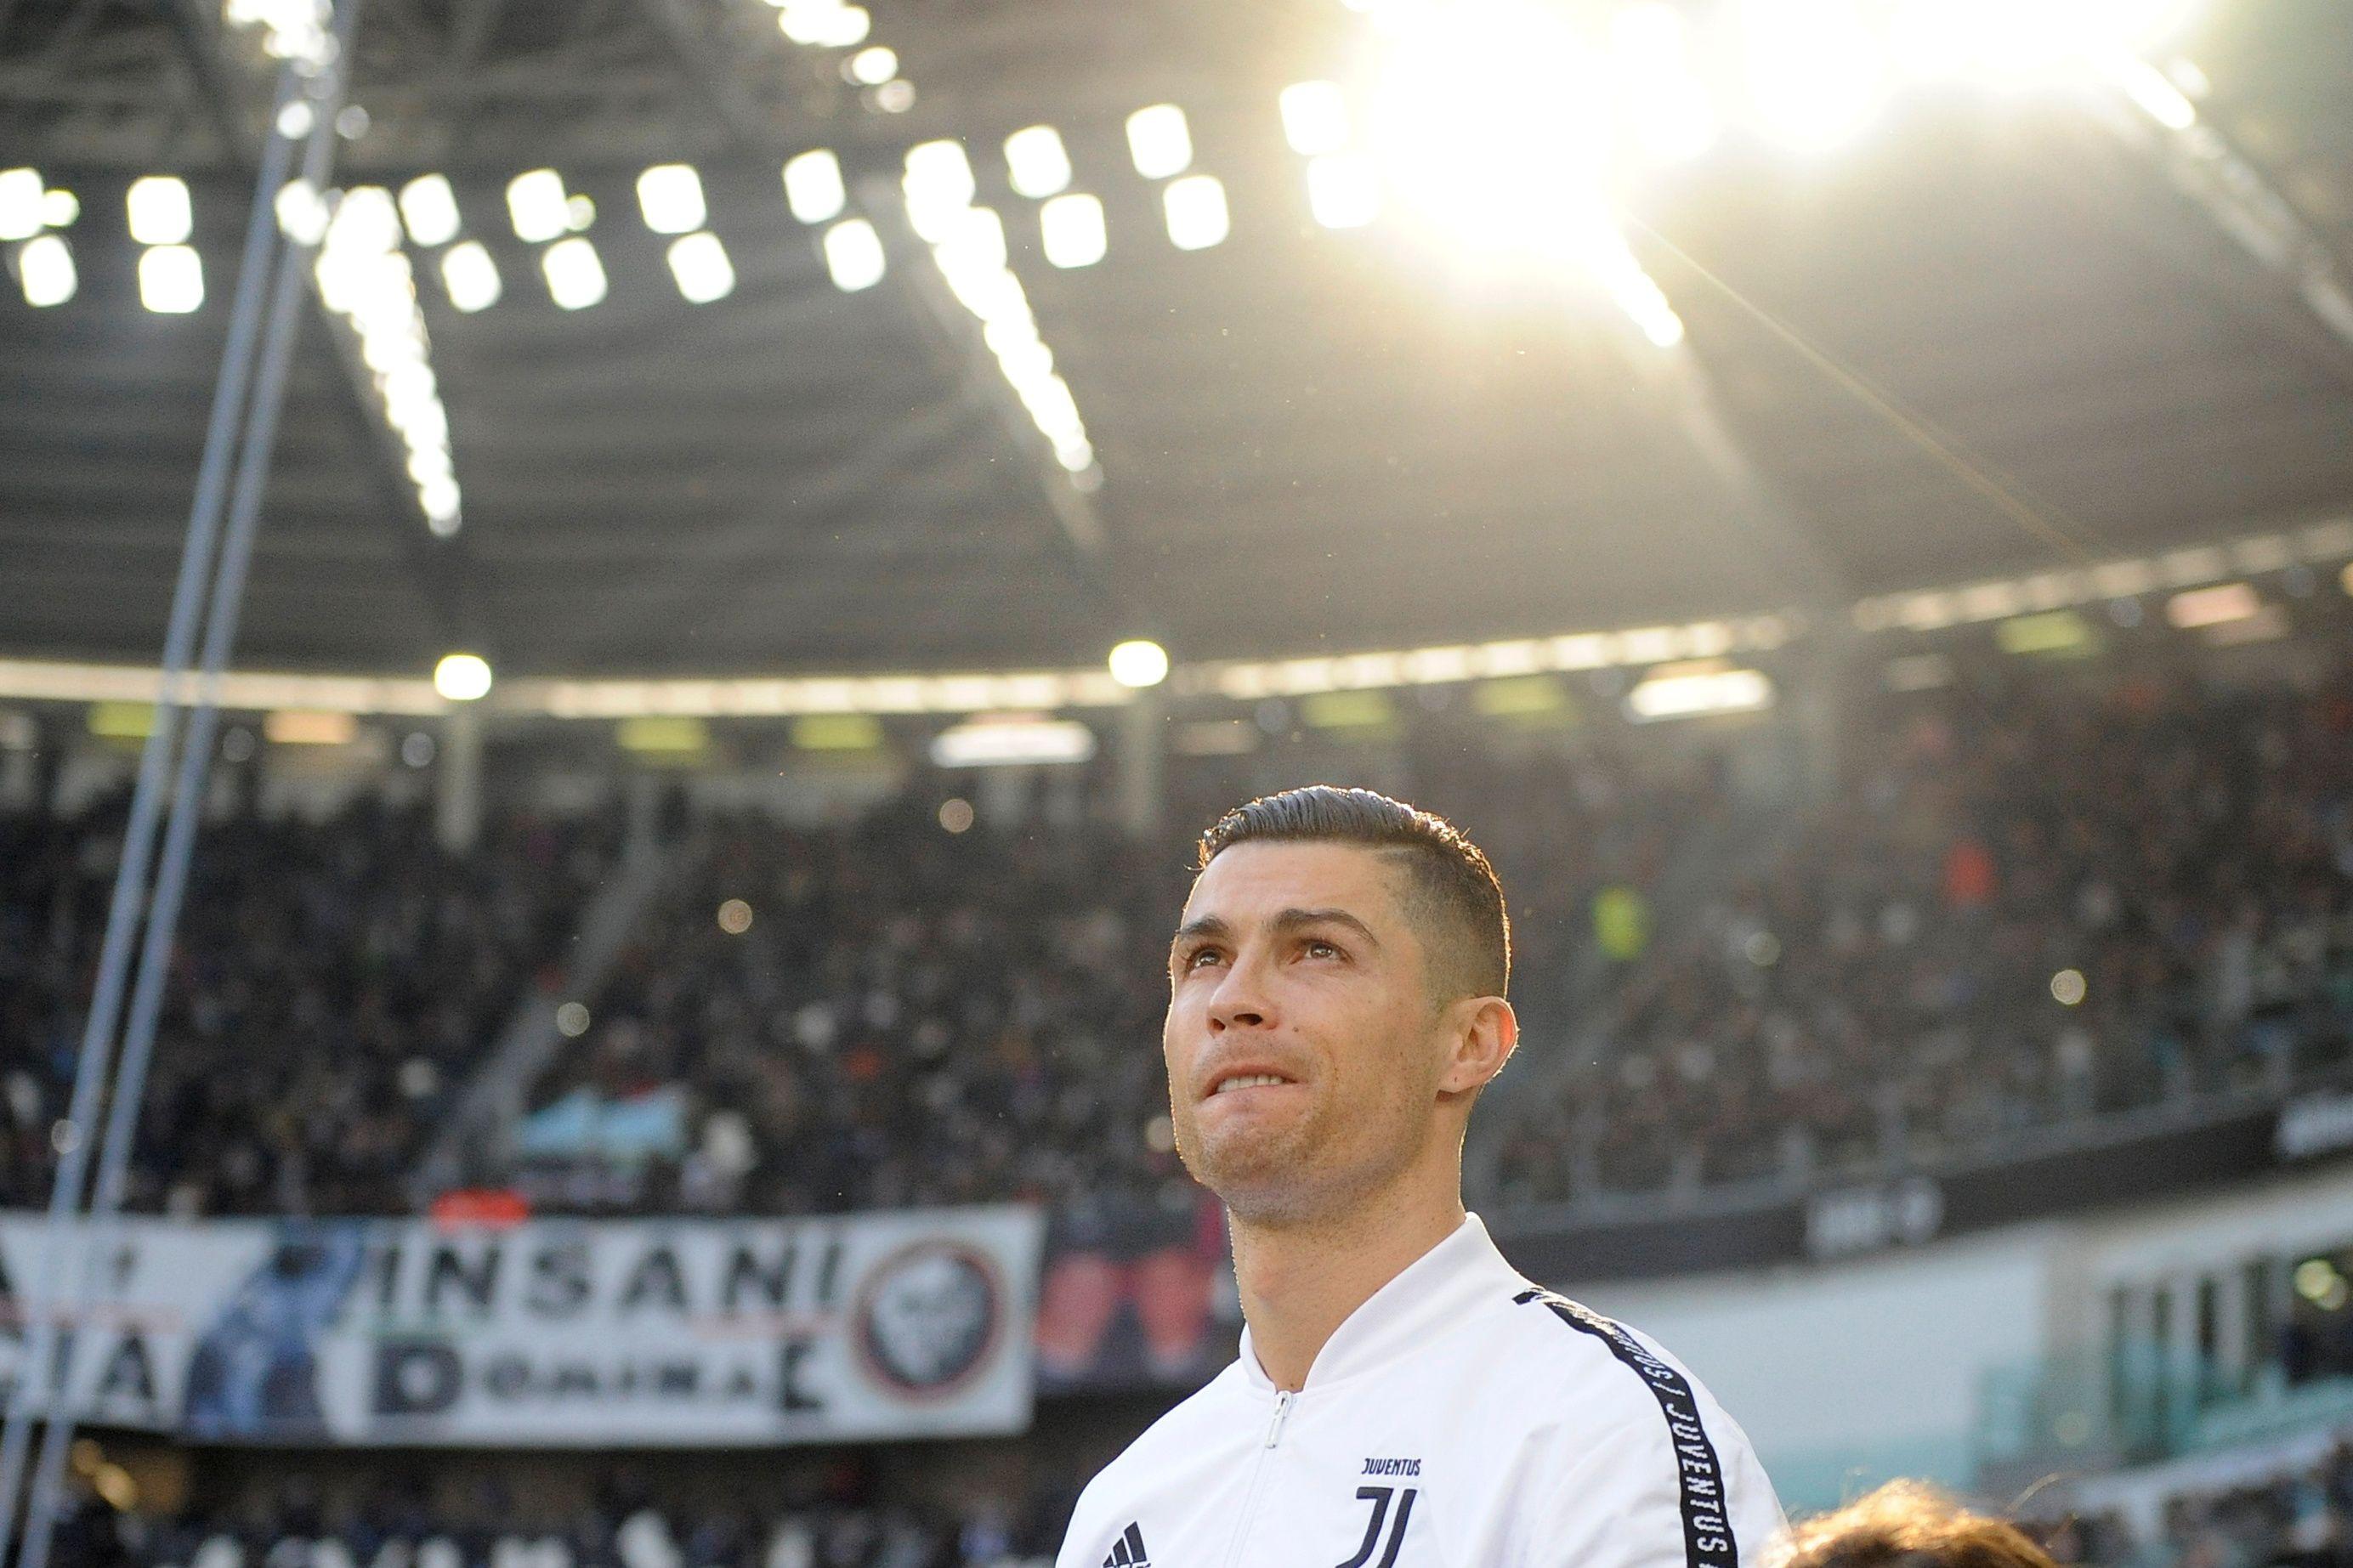 Cristiano Ronaldo reage às acusações da ex-namorada e nega tudo